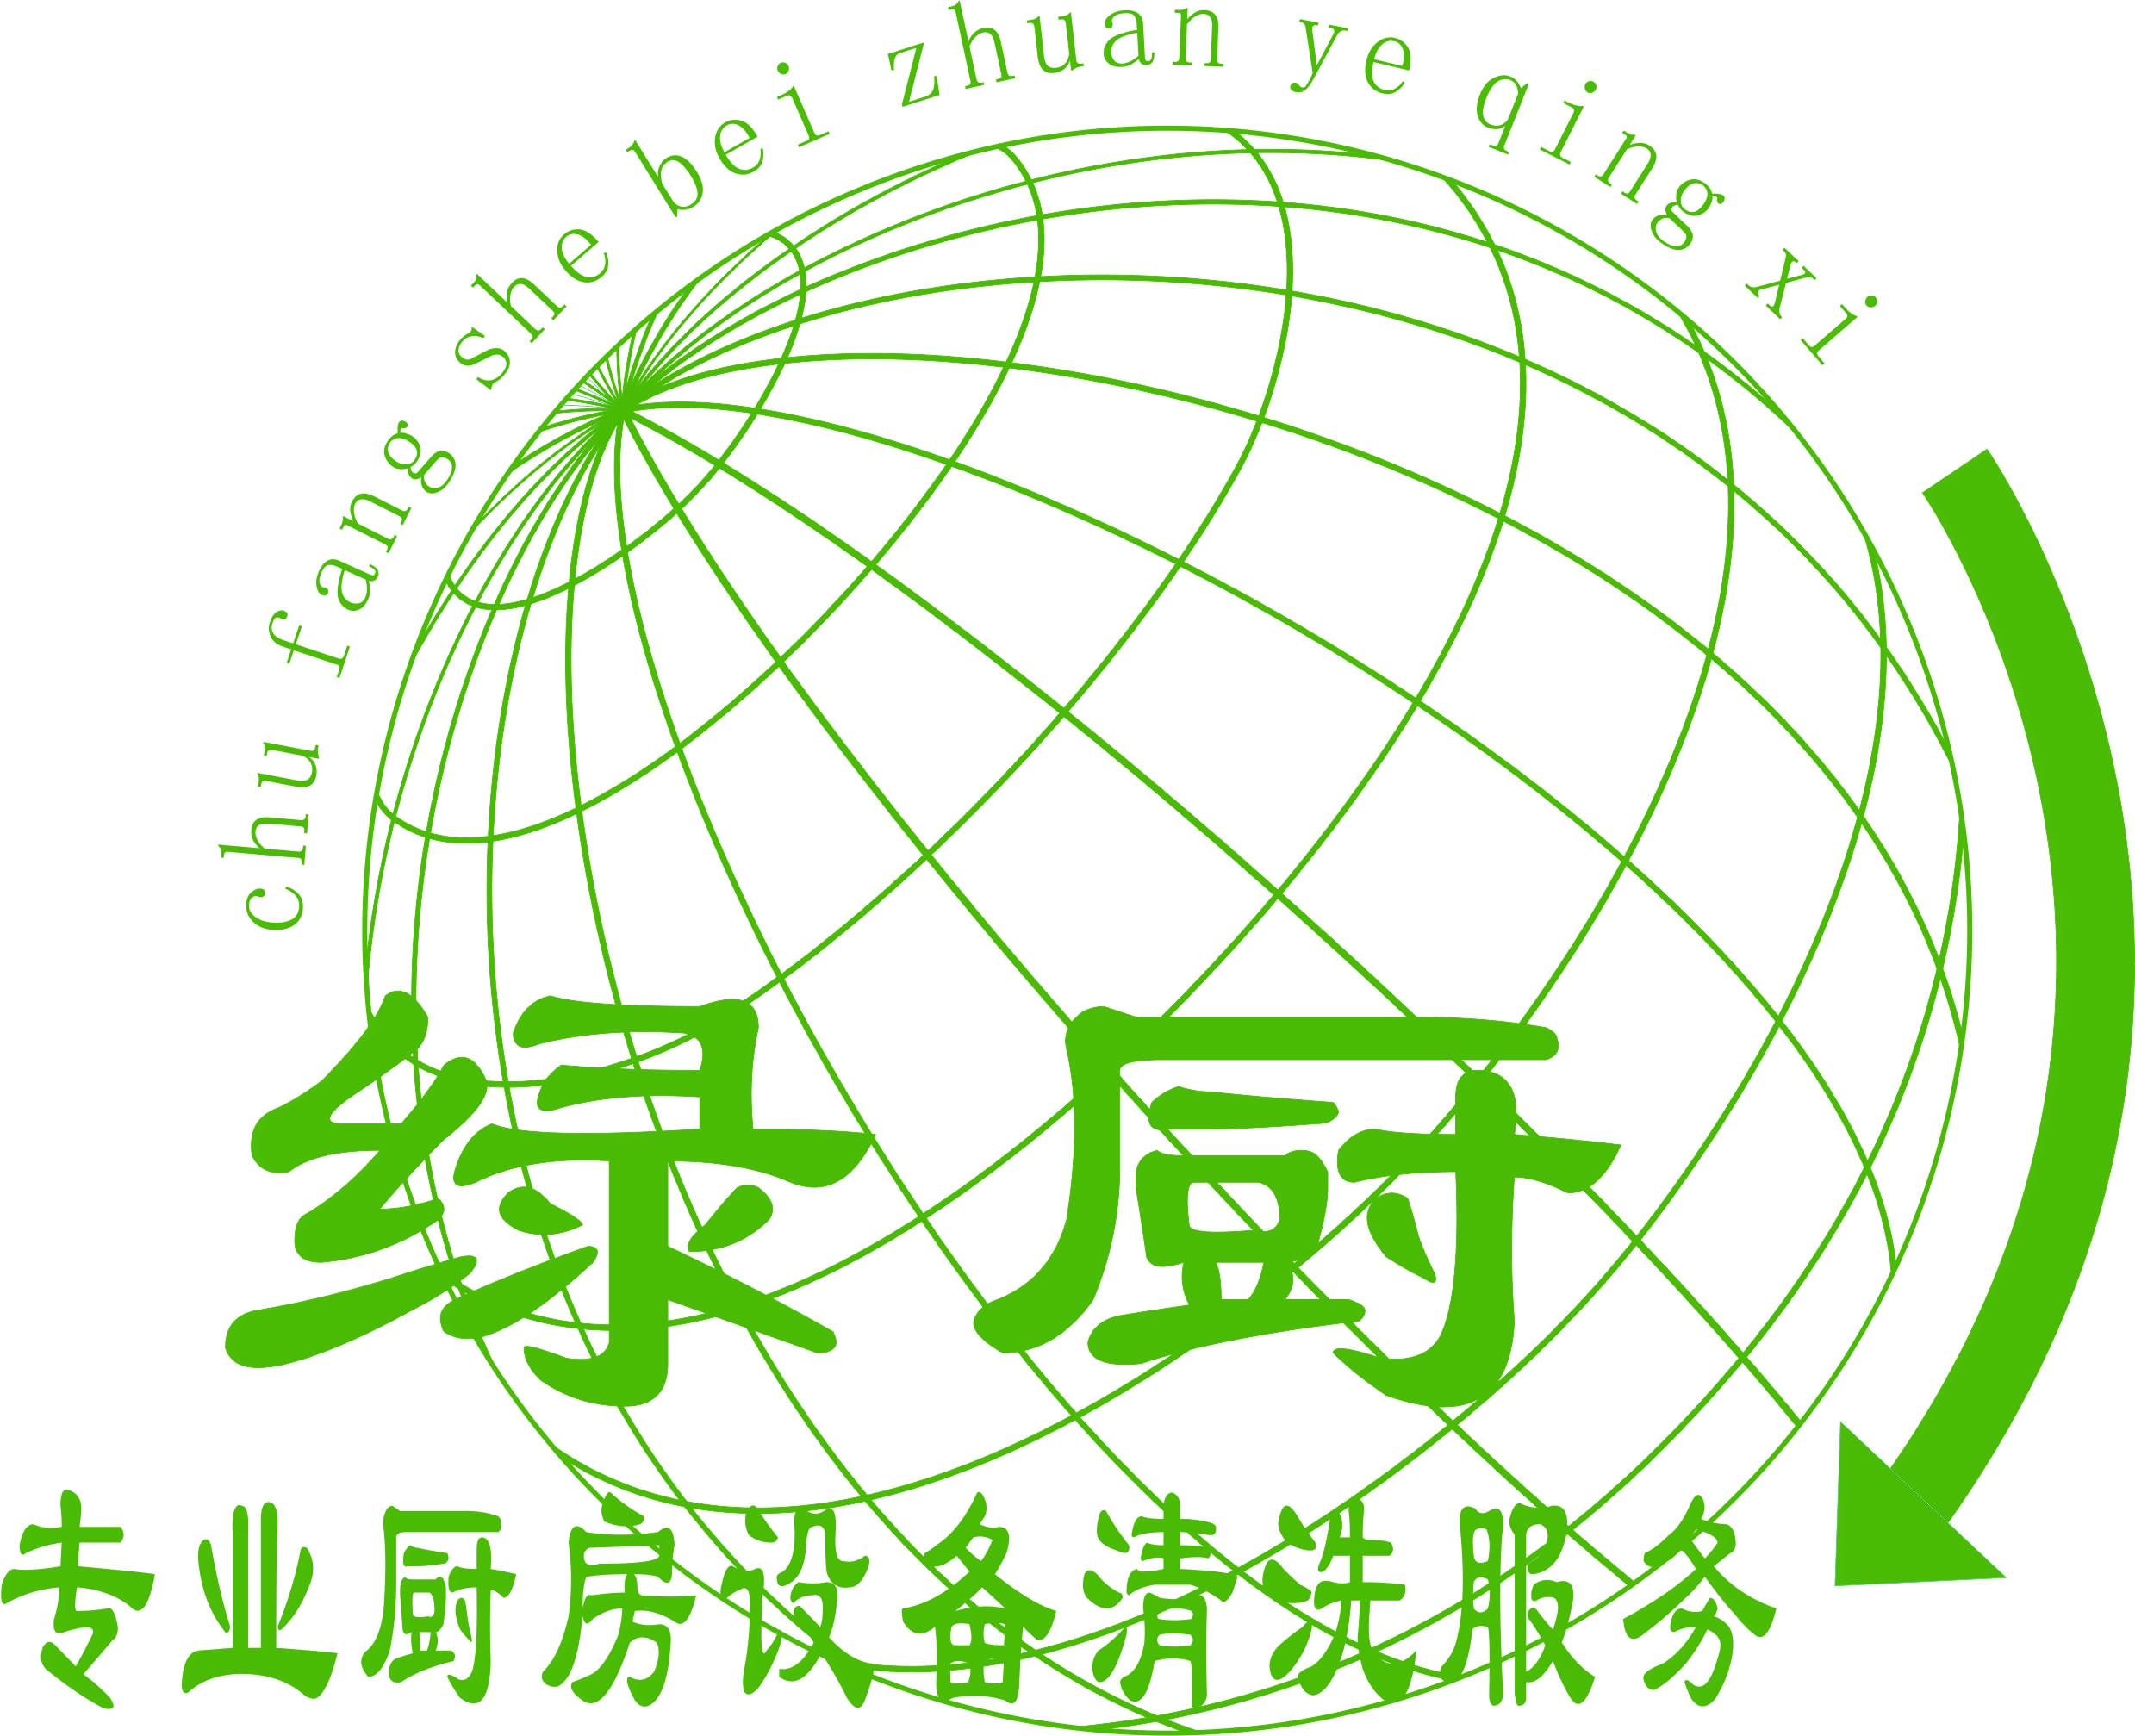 深圳市绿厨设备清洗服务有限公司